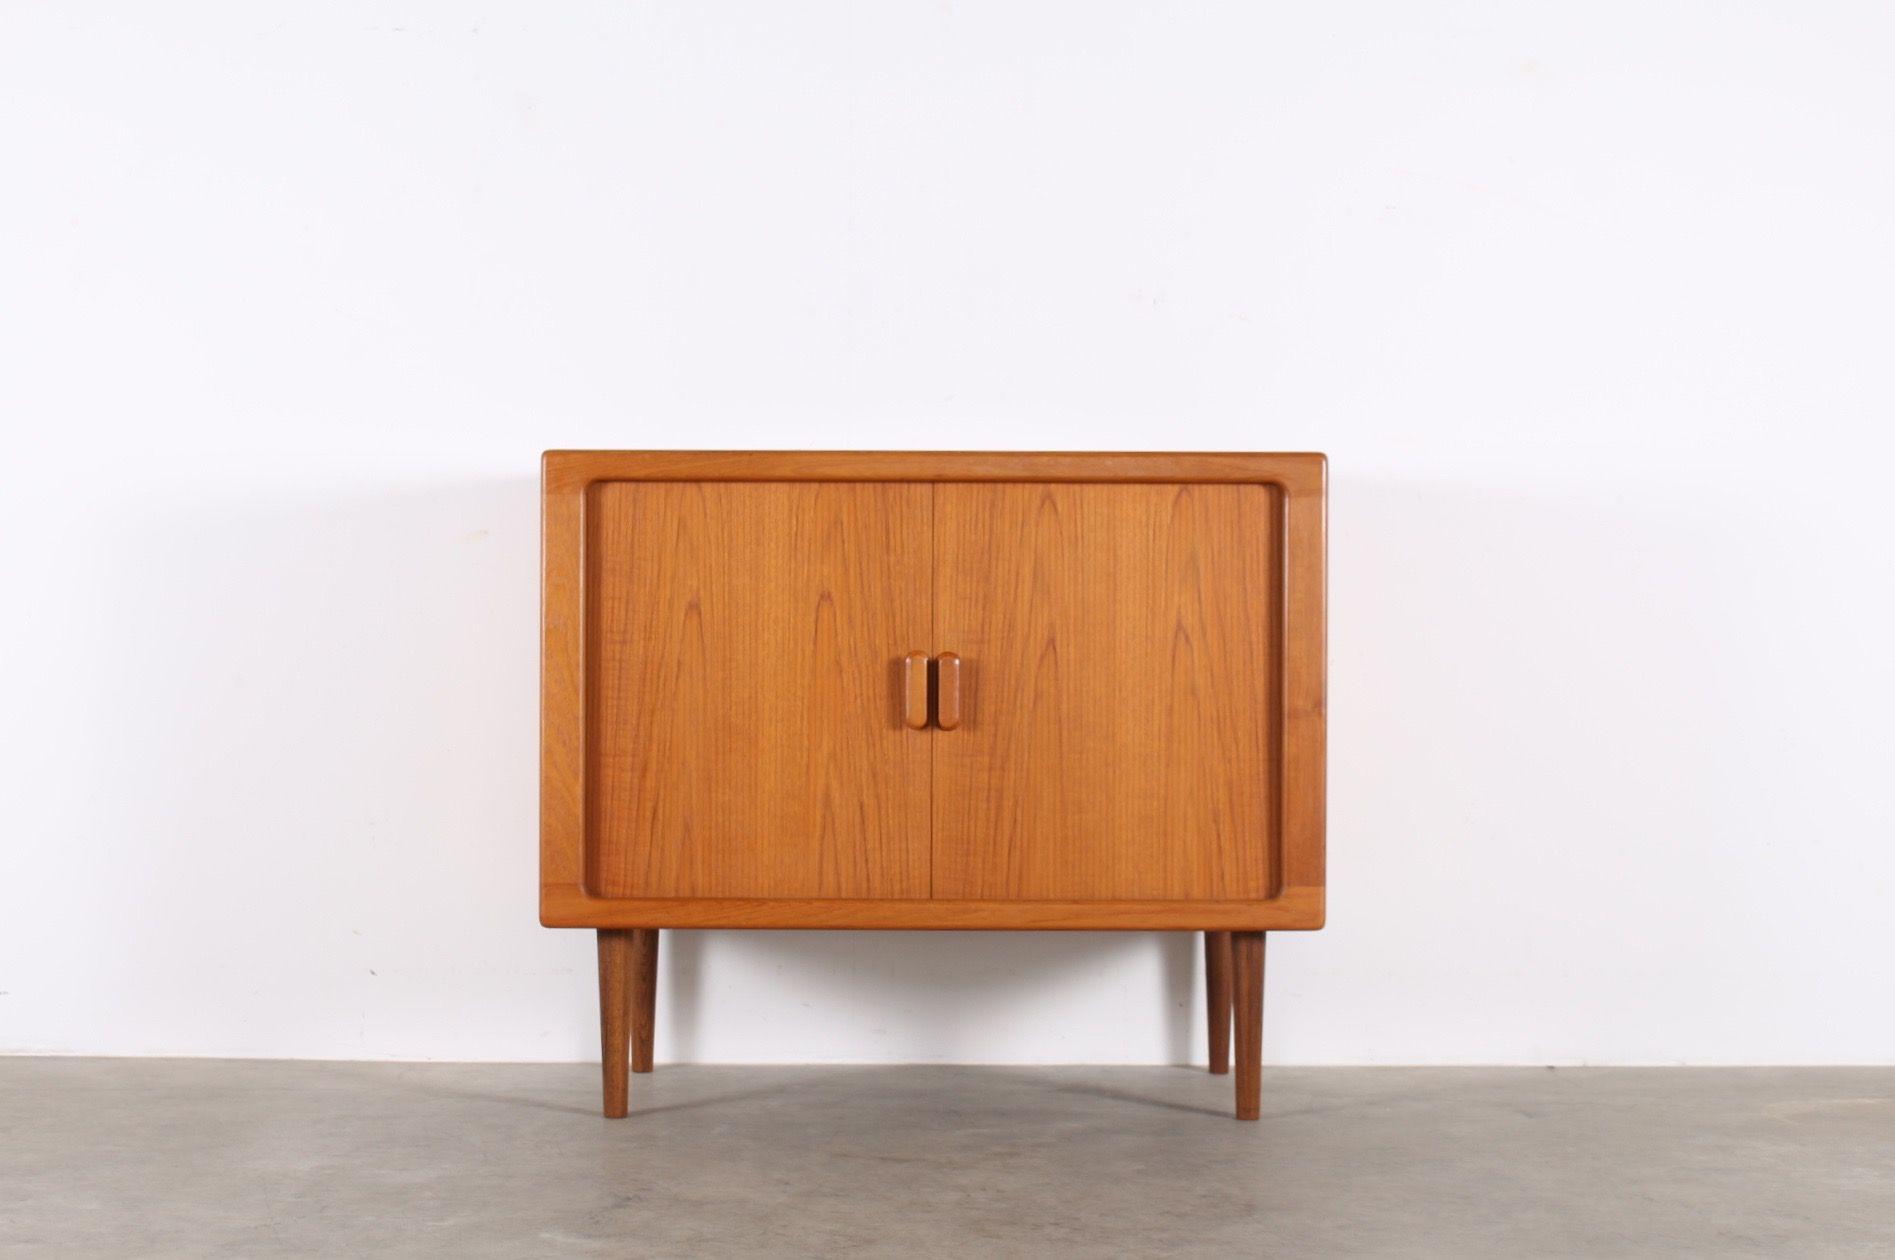 Buffet Commode Bahut Meuble Vintage Scandinave Design A Liege Danemark Meuble Vintage Mobilier De Salon Idees De Decor